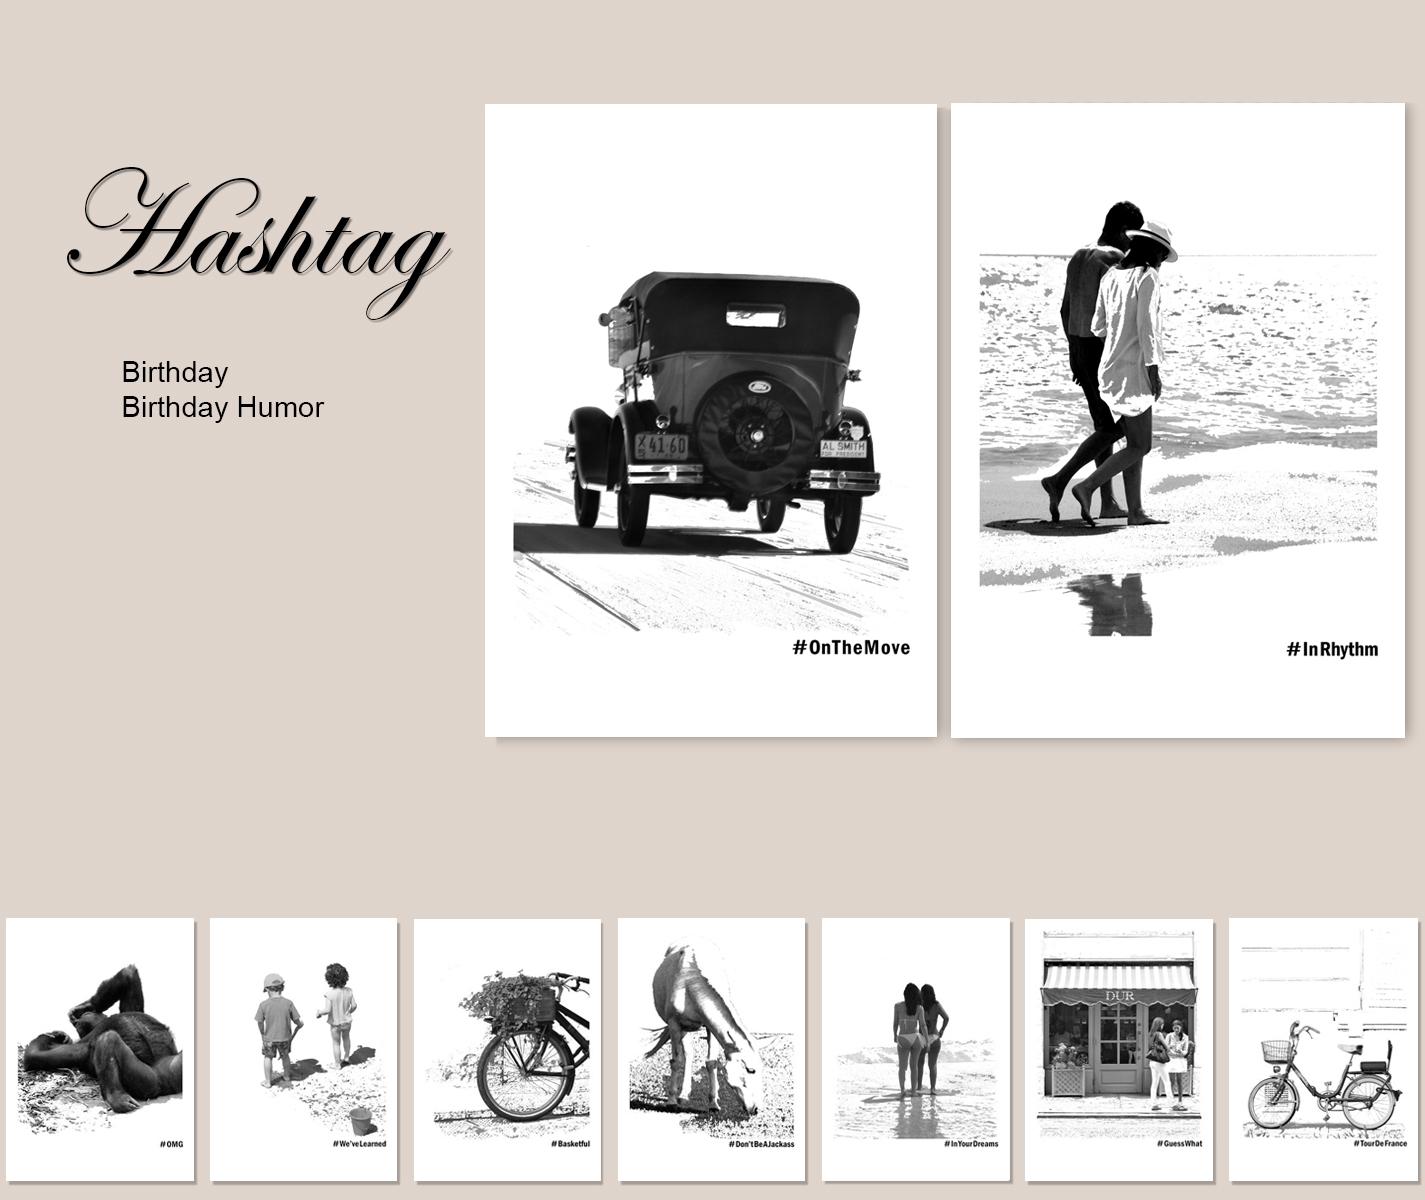 SLIDER_Hashtag Cards.jpg